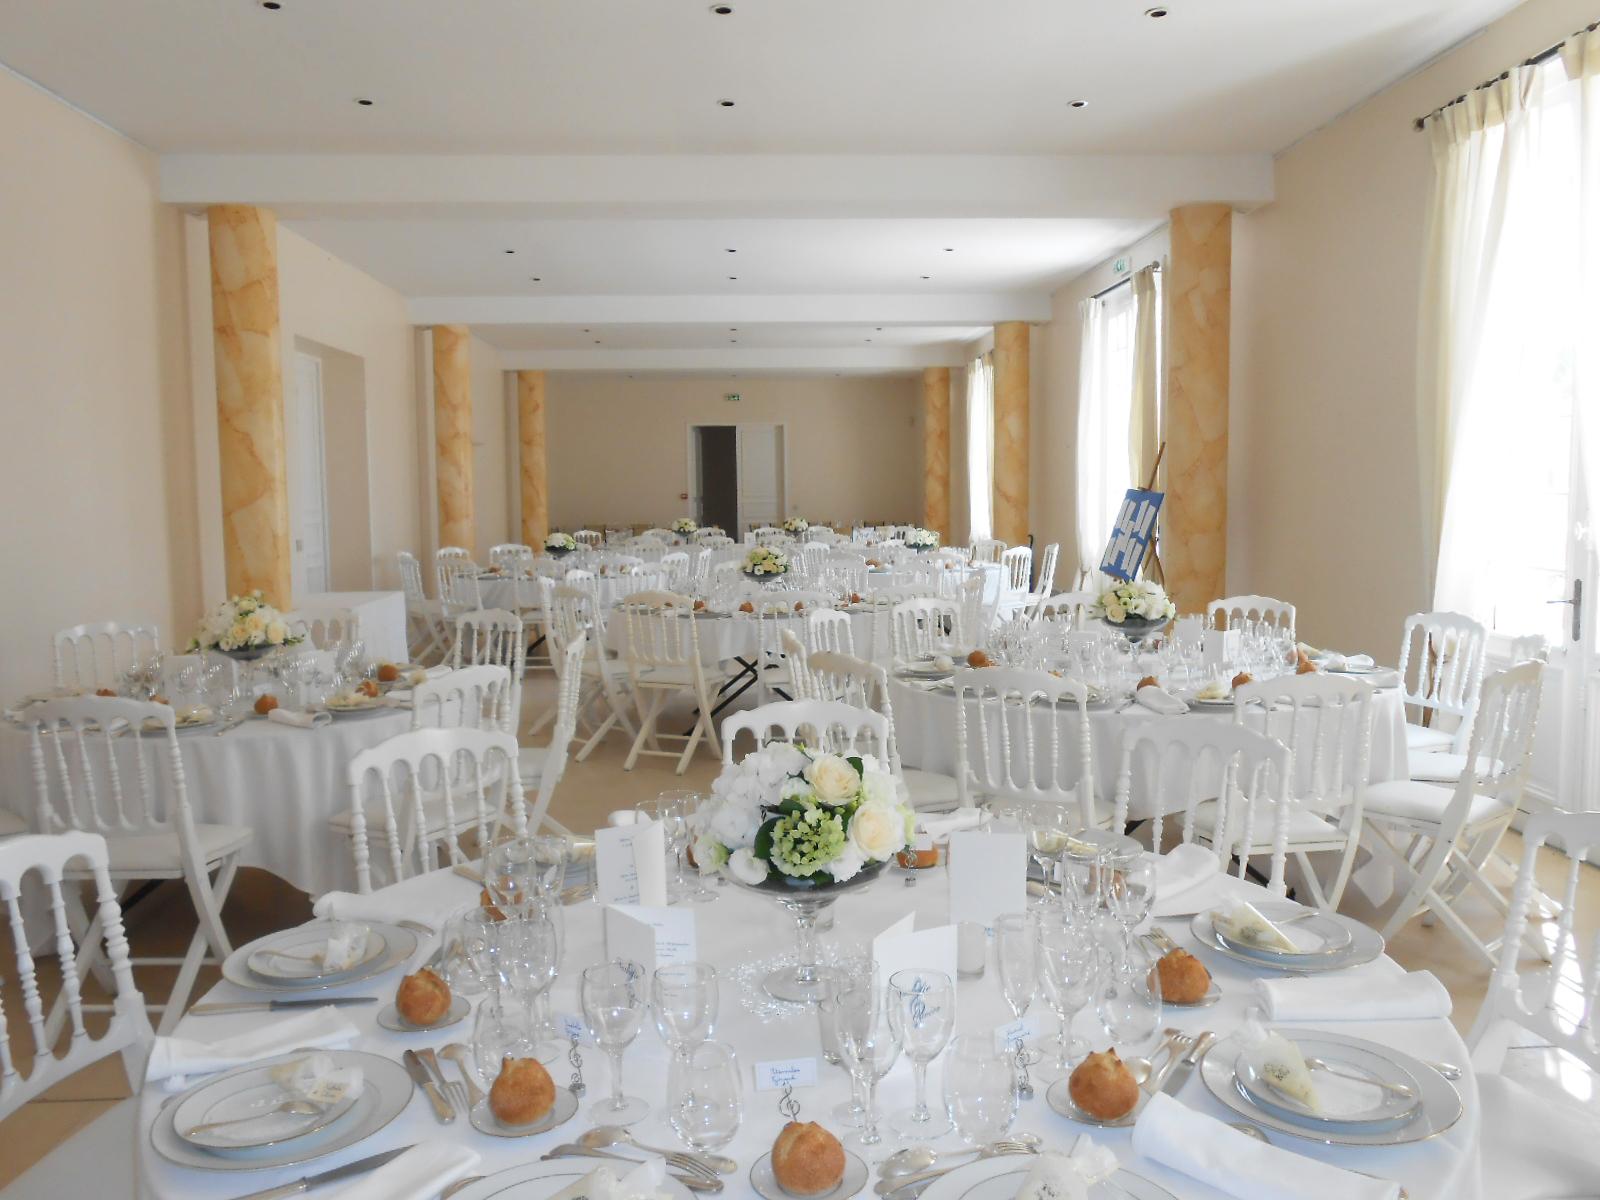 une dcoration florale de mariage naturelle et lgante - Chateau Dauzac Mariage